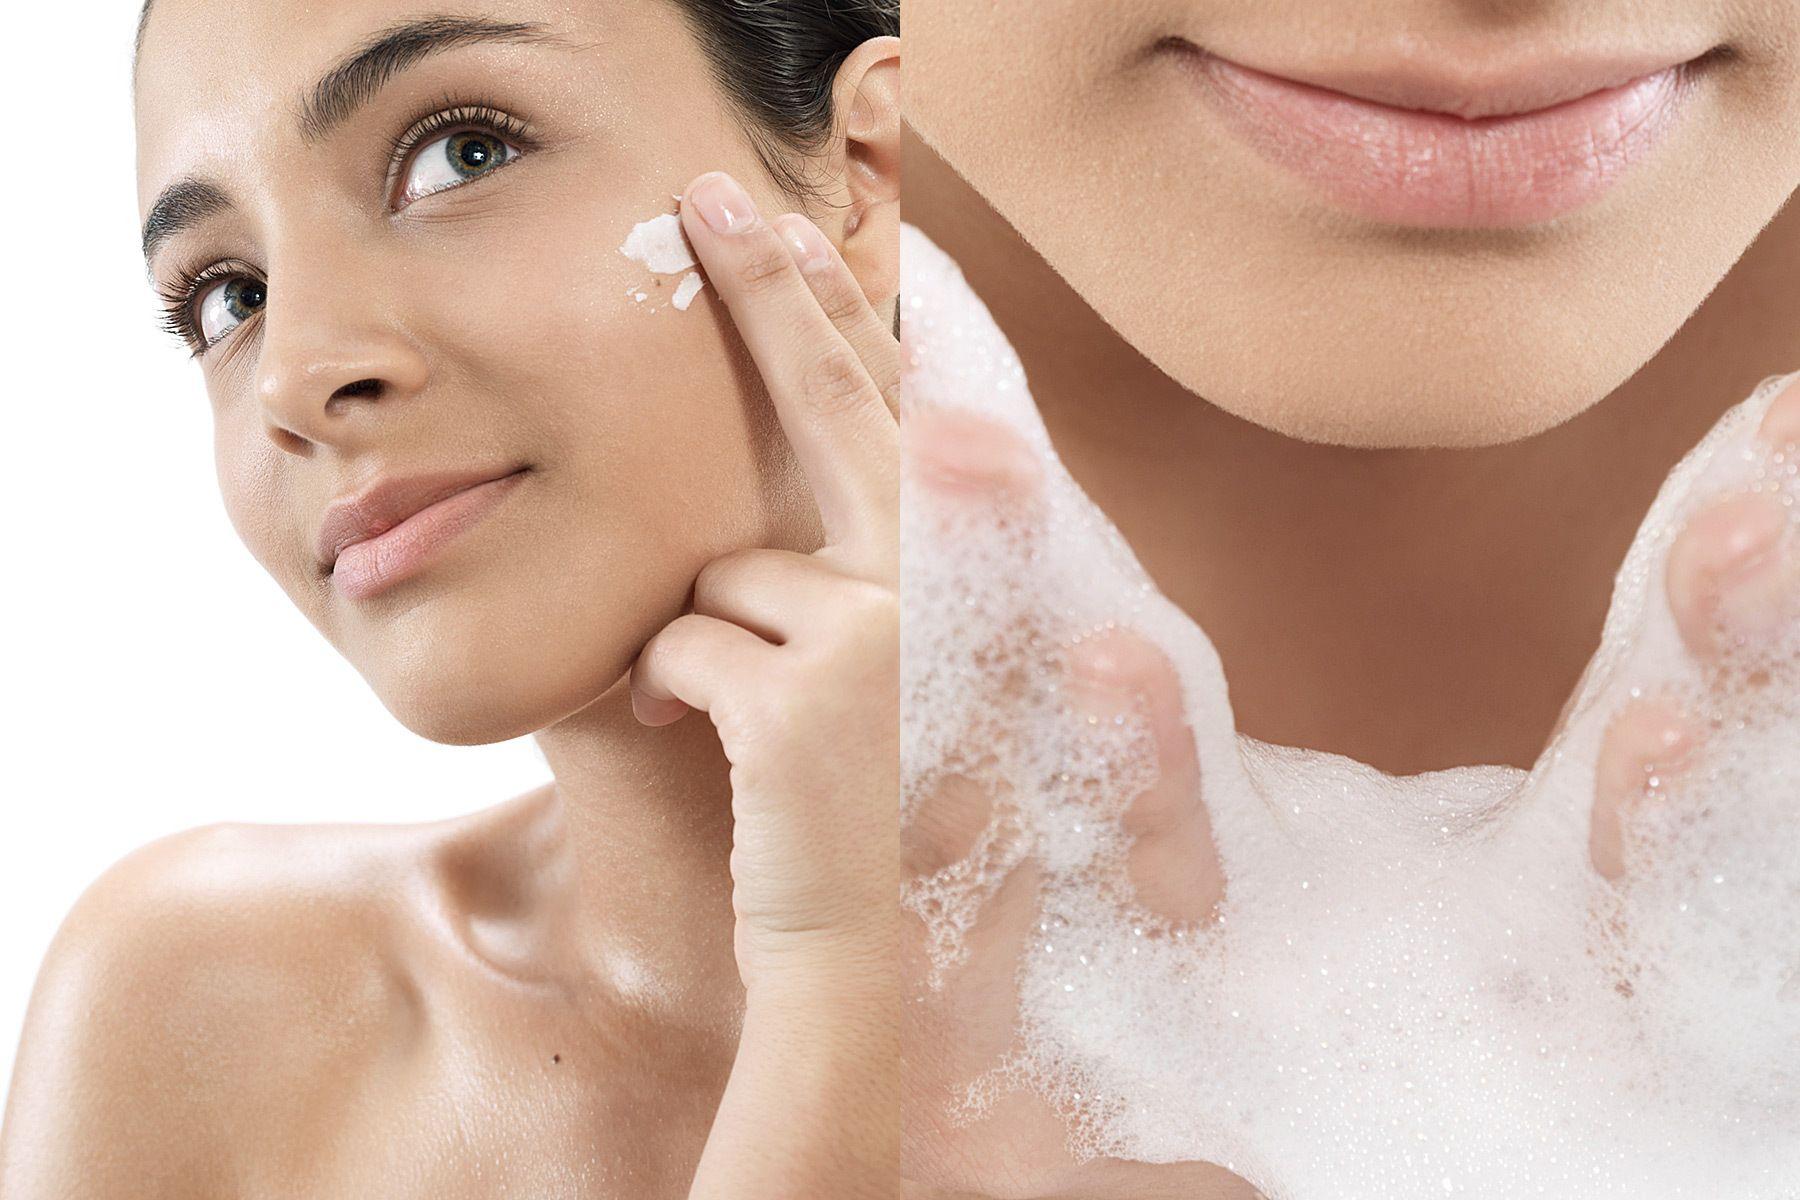 1beauty_avon_soap_clean_b.jpg